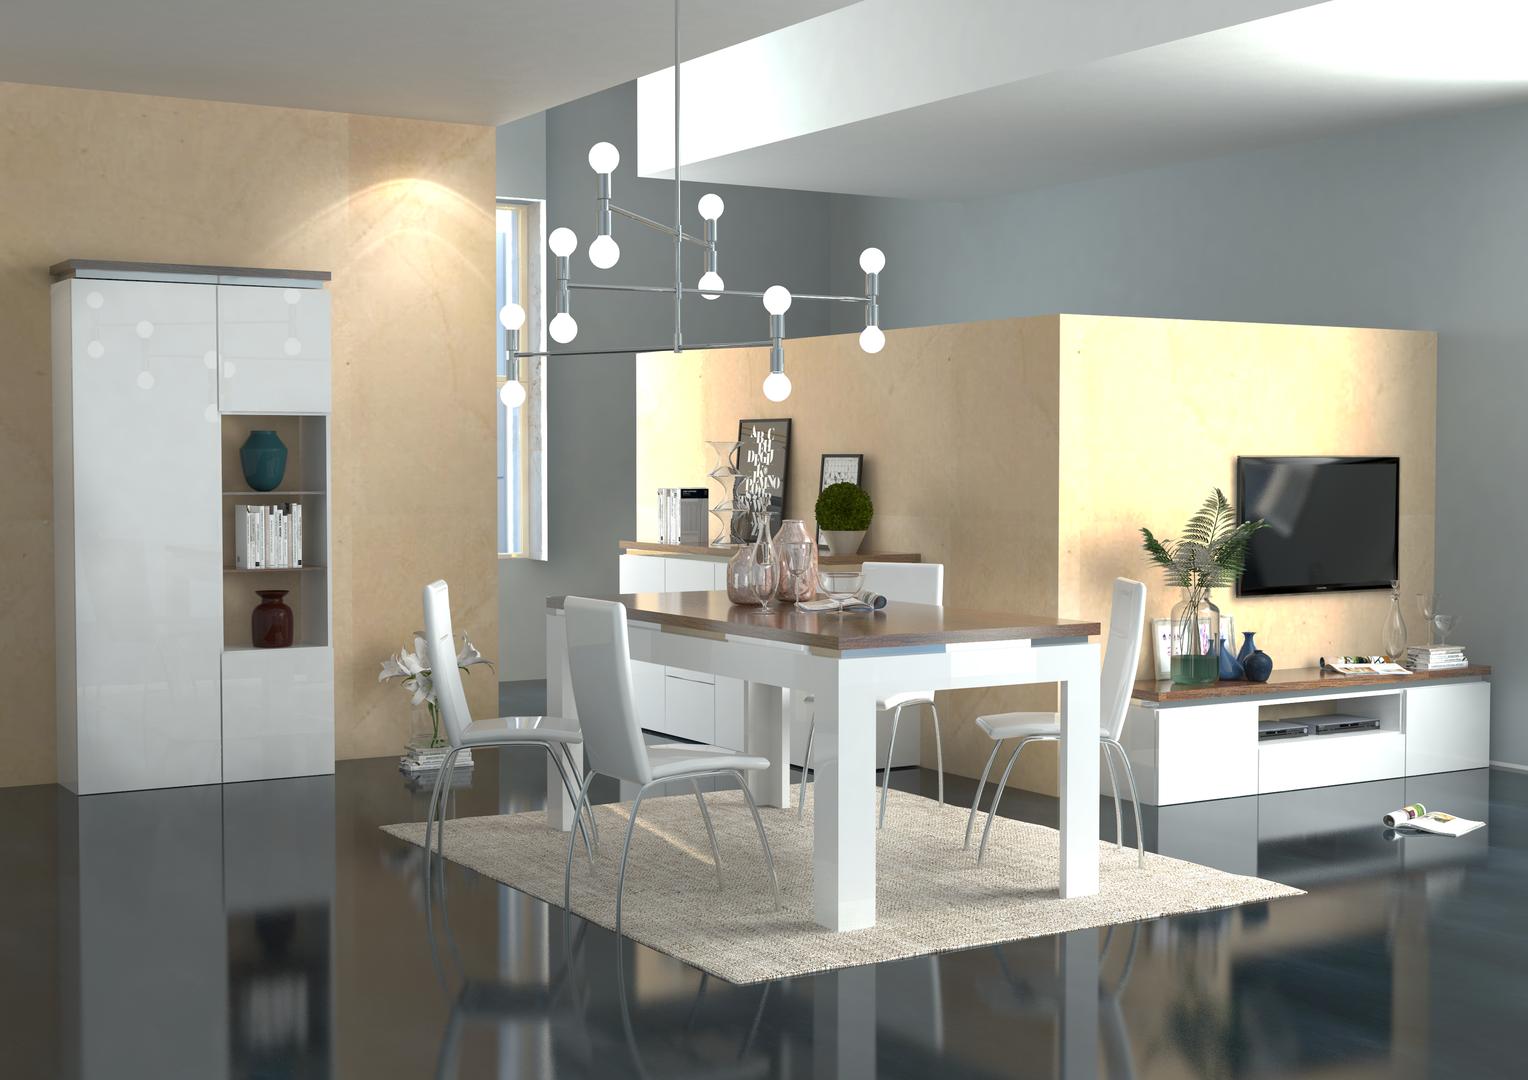 Mobile porta tv bianco messico per soggiorno moderno elegante - Mobile soggiorno moderno ...